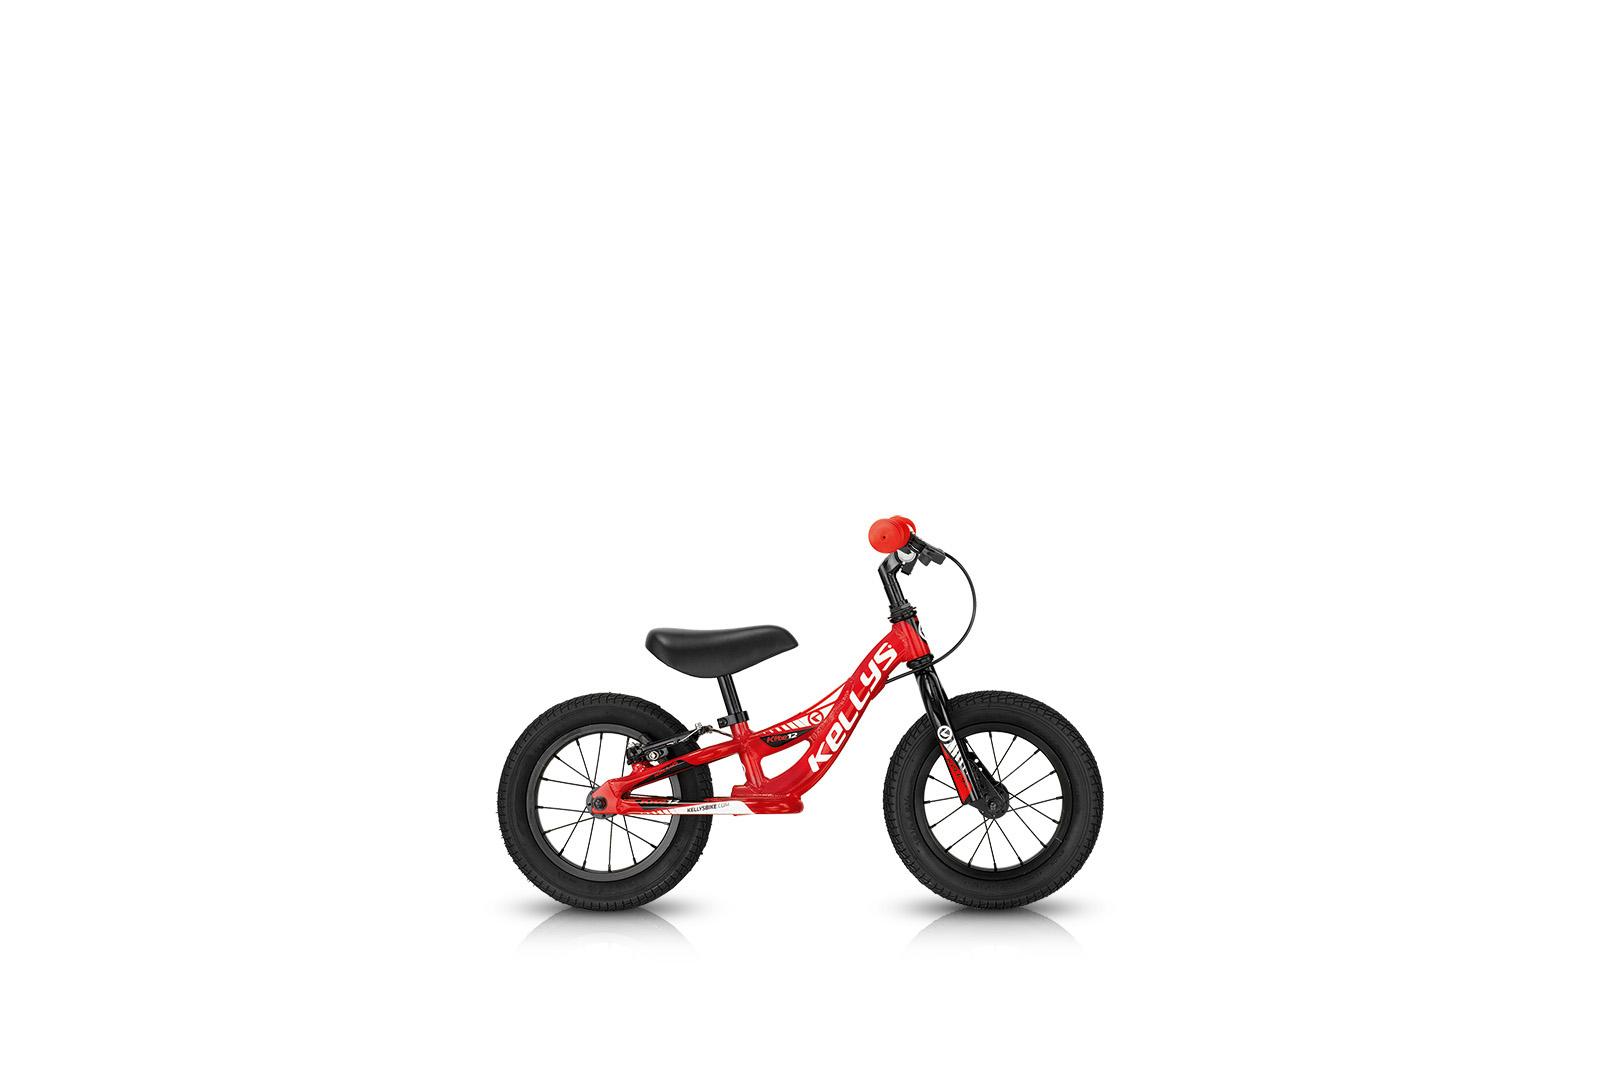 Dětské odrážedlo KELLYS KITE 12 RACE RED s brzdou 2017